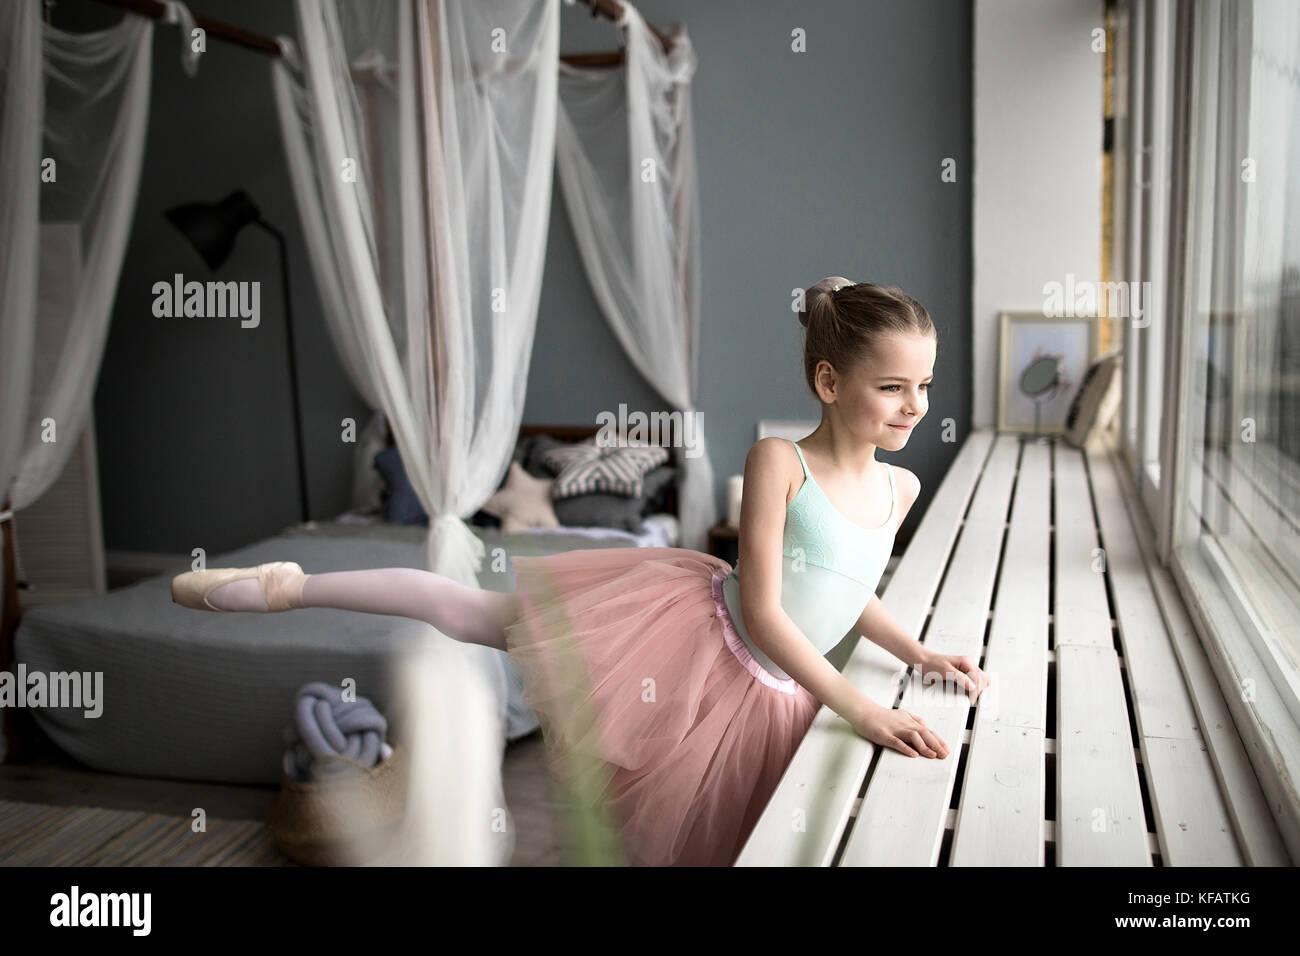 Cute little bailarina de ballet en rosa de traje y zapatos pointe está bailando en la habitación. Niño Imagen De Stock